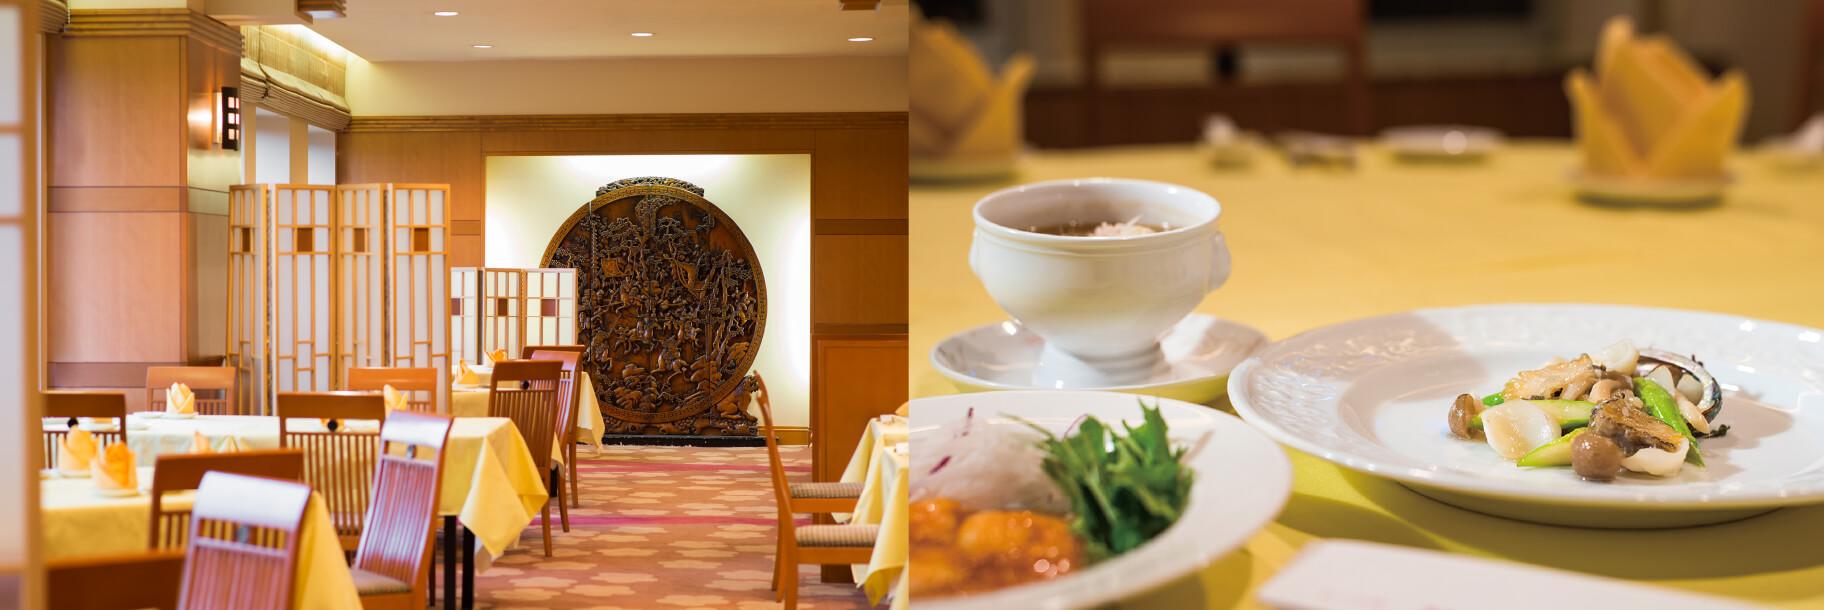 札幌パークホテル「桃源郷」